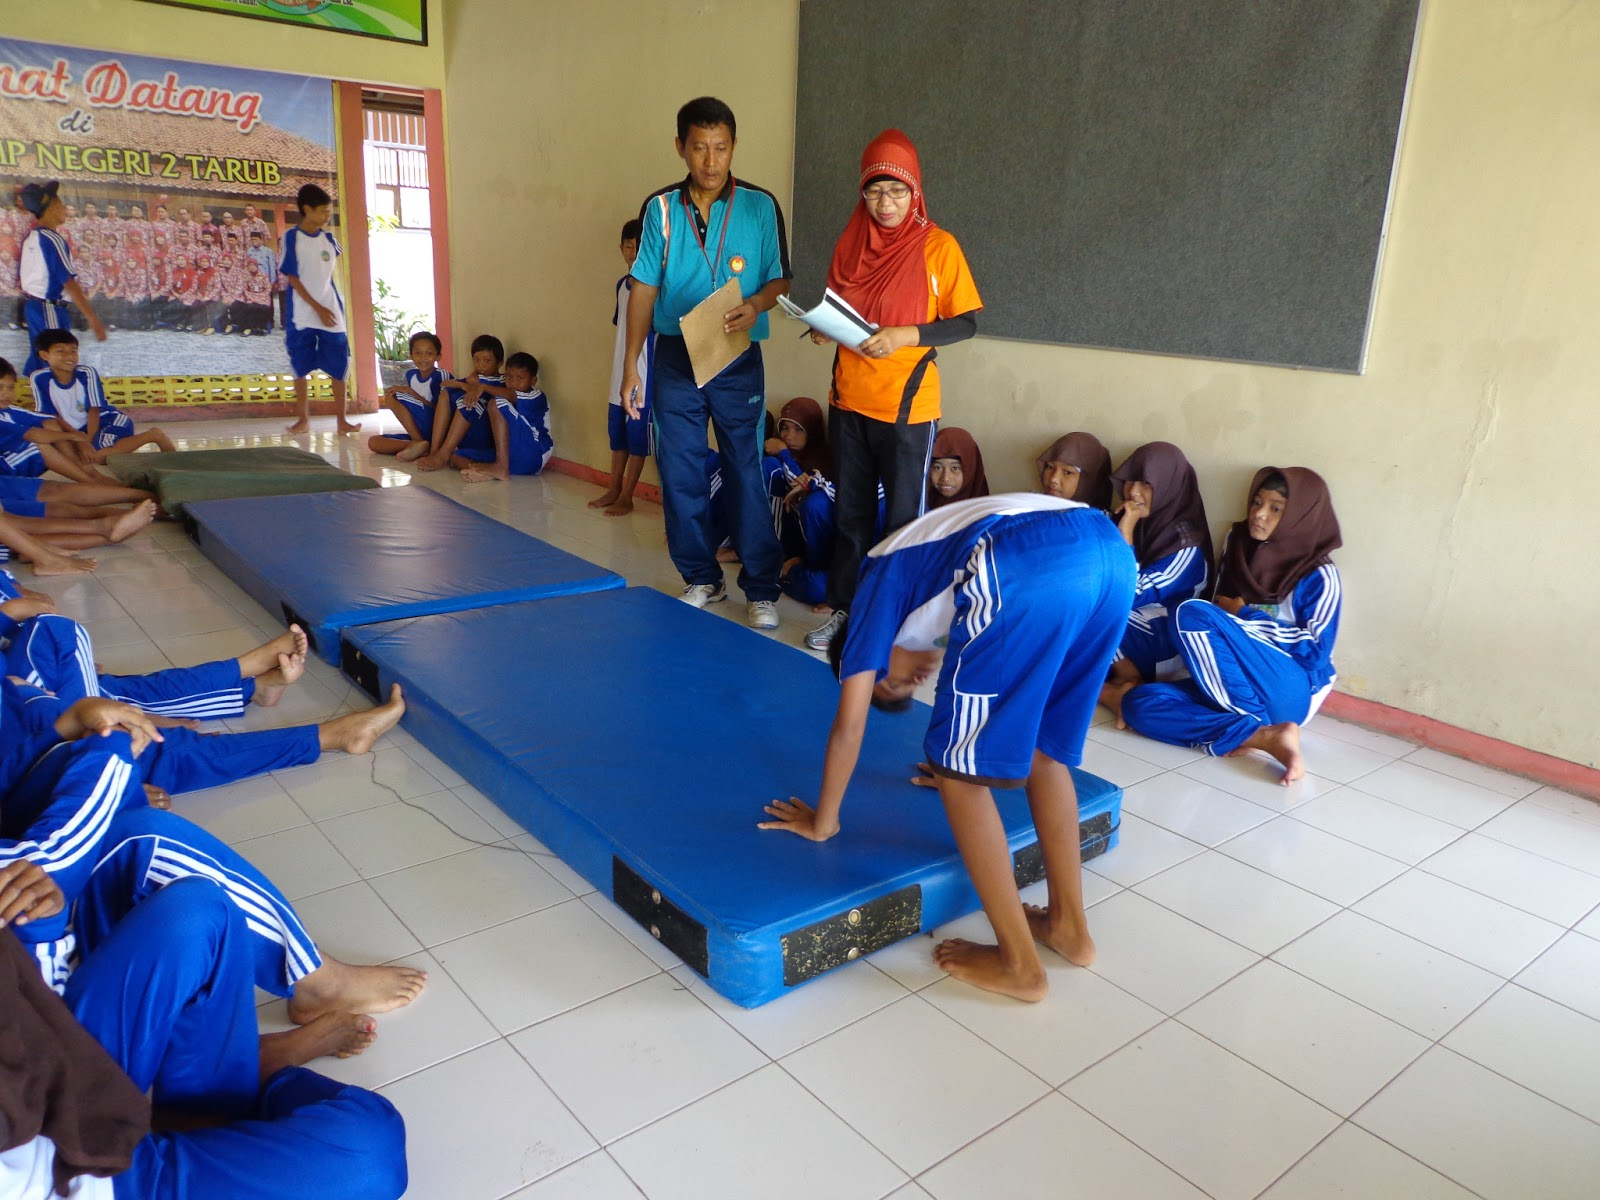 Contoh Proposal Kegiatan Olahraga Senam Icefilmsinfo Globolister Blog Guru Penjasorkes Lembar Observasi Dan Penilaian Kondisi Awal Dan